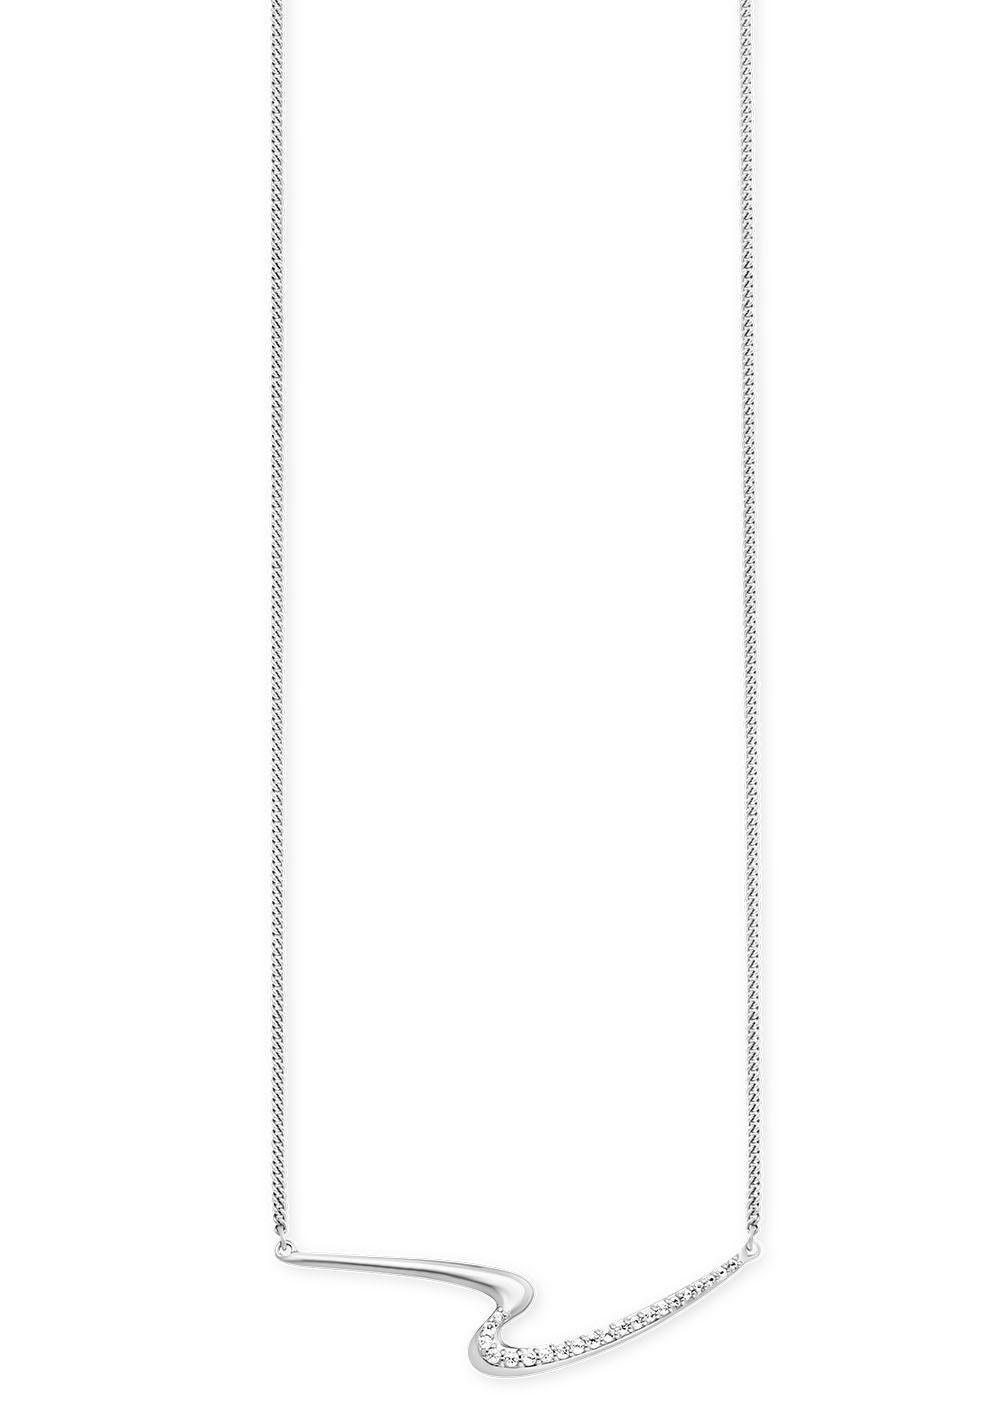 CAÏ Kette mit Anhänger »caï women, fluid curves, C1872N/90/93/45« mit Topasen